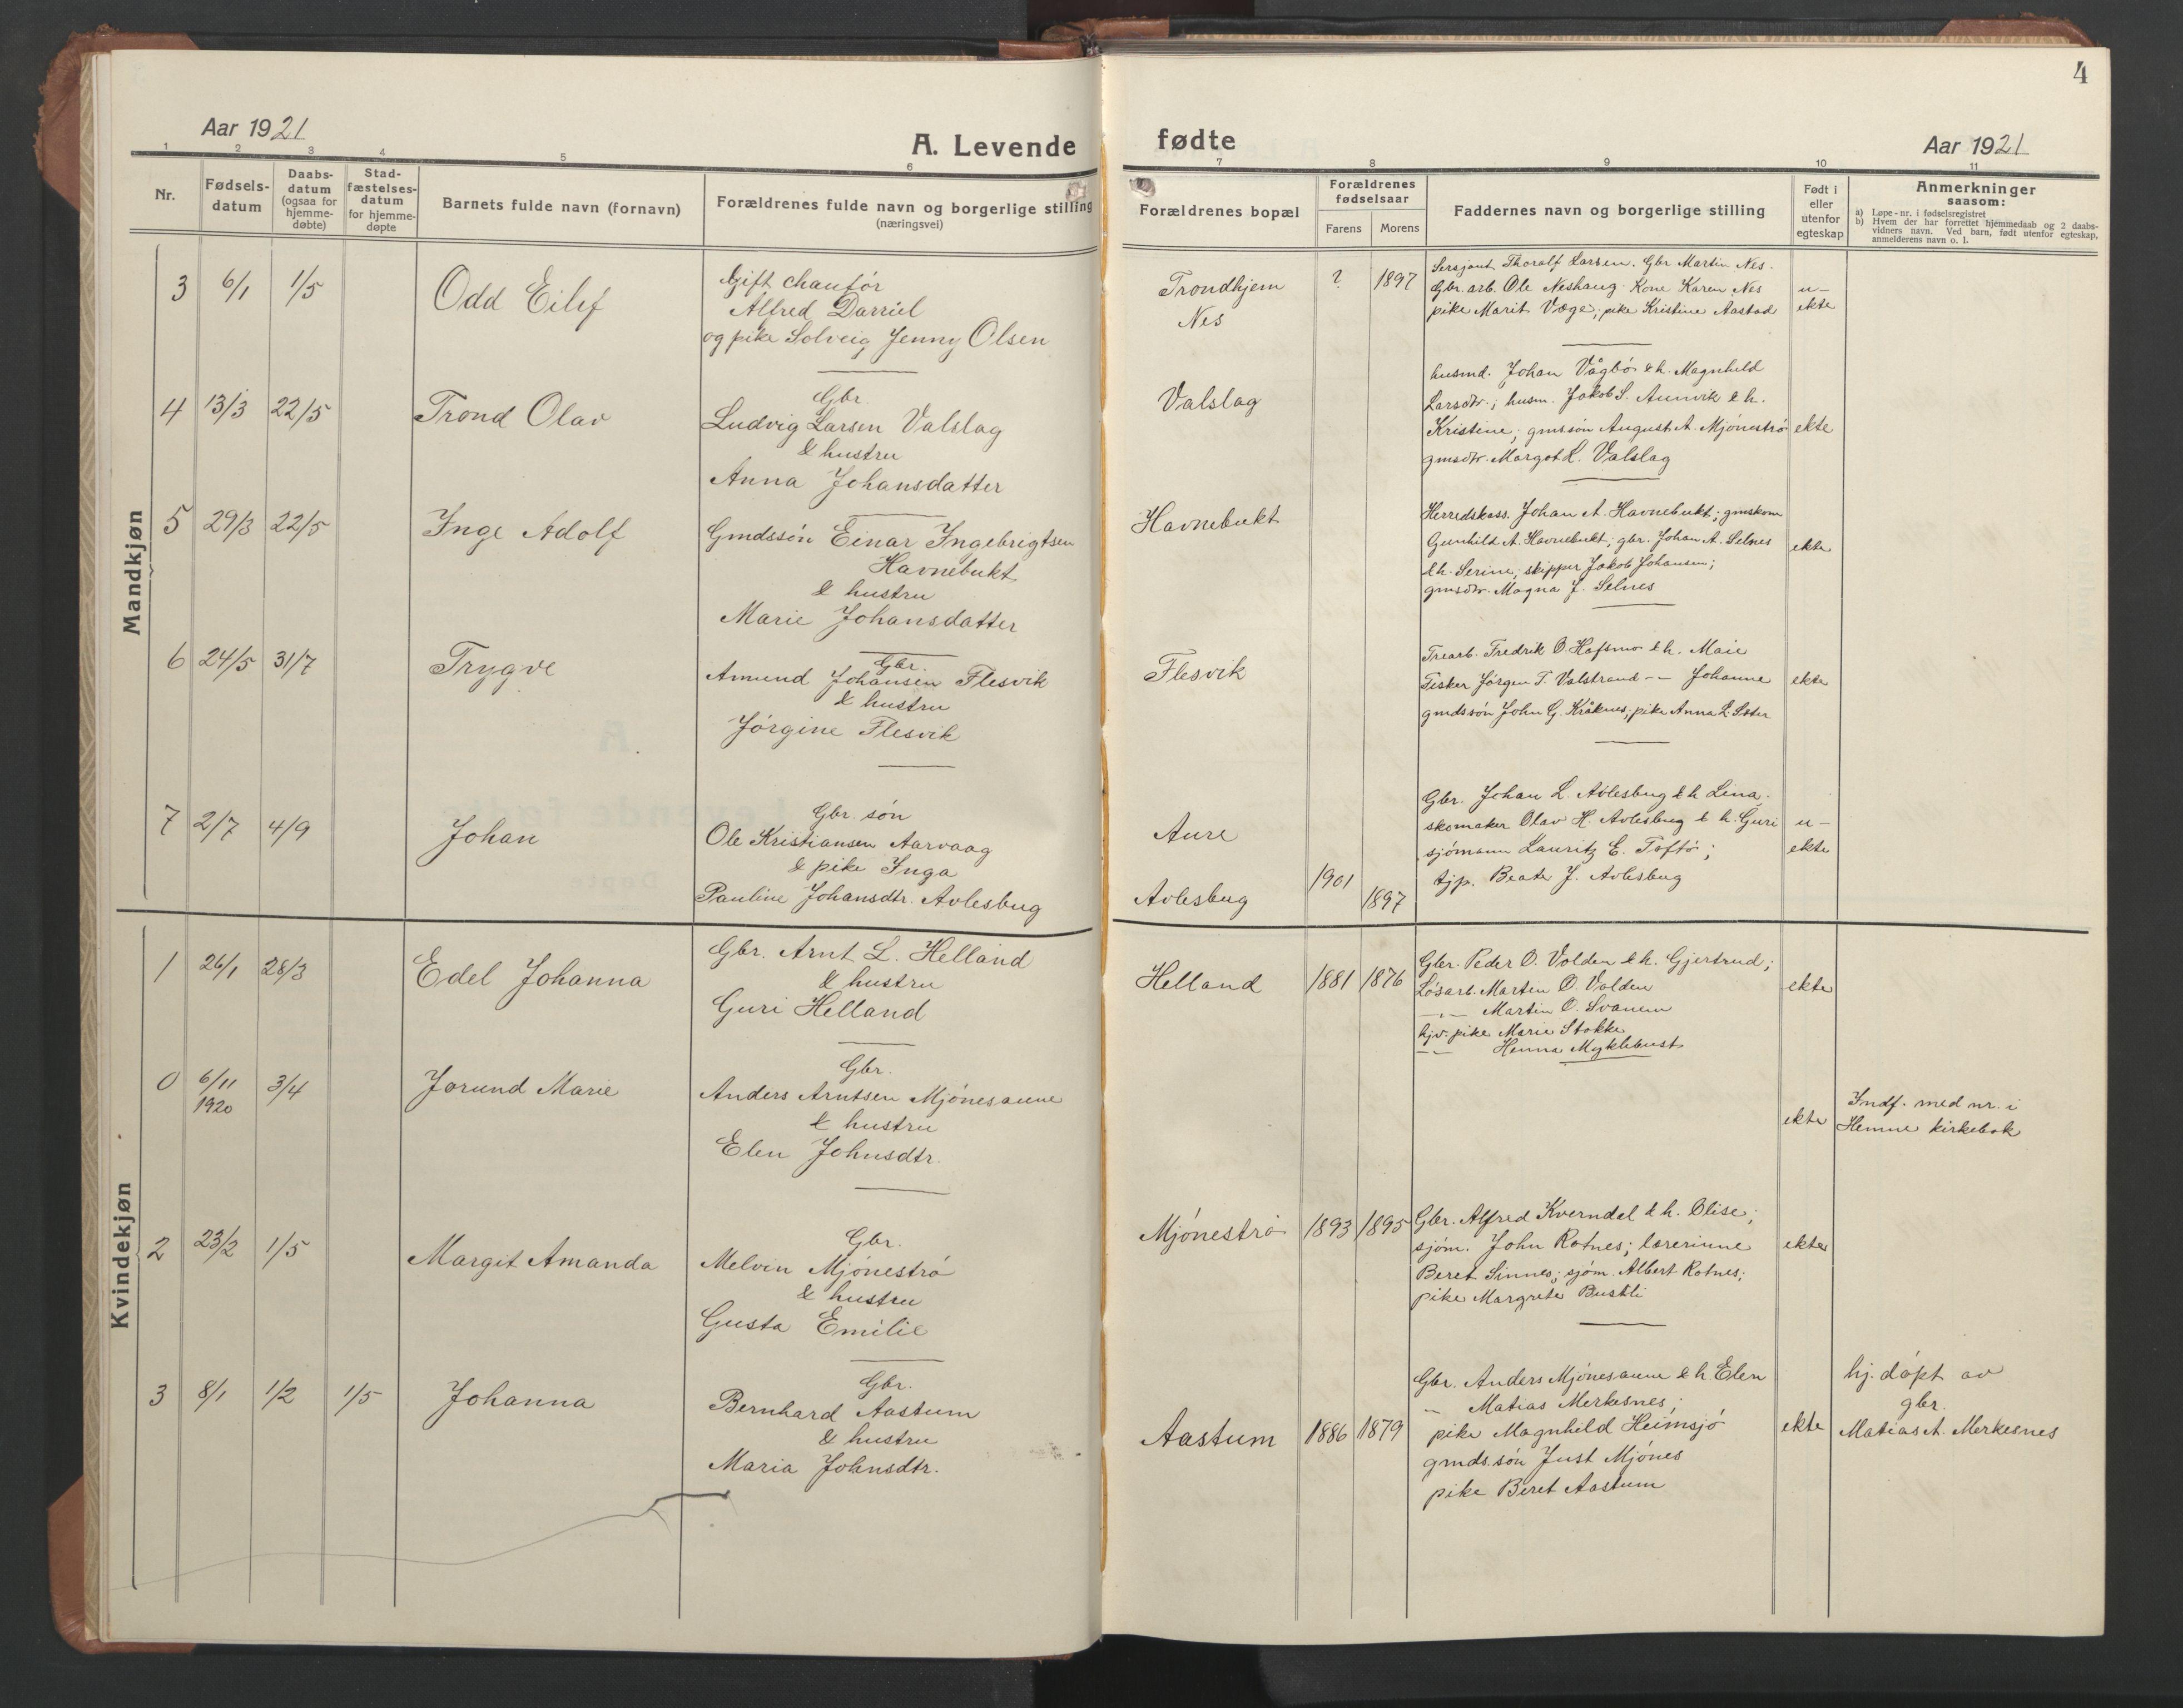 SAT, Ministerialprotokoller, klokkerbøker og fødselsregistre - Sør-Trøndelag, 633/L0521: Klokkerbok nr. 633C03, 1921-1941, s. 4